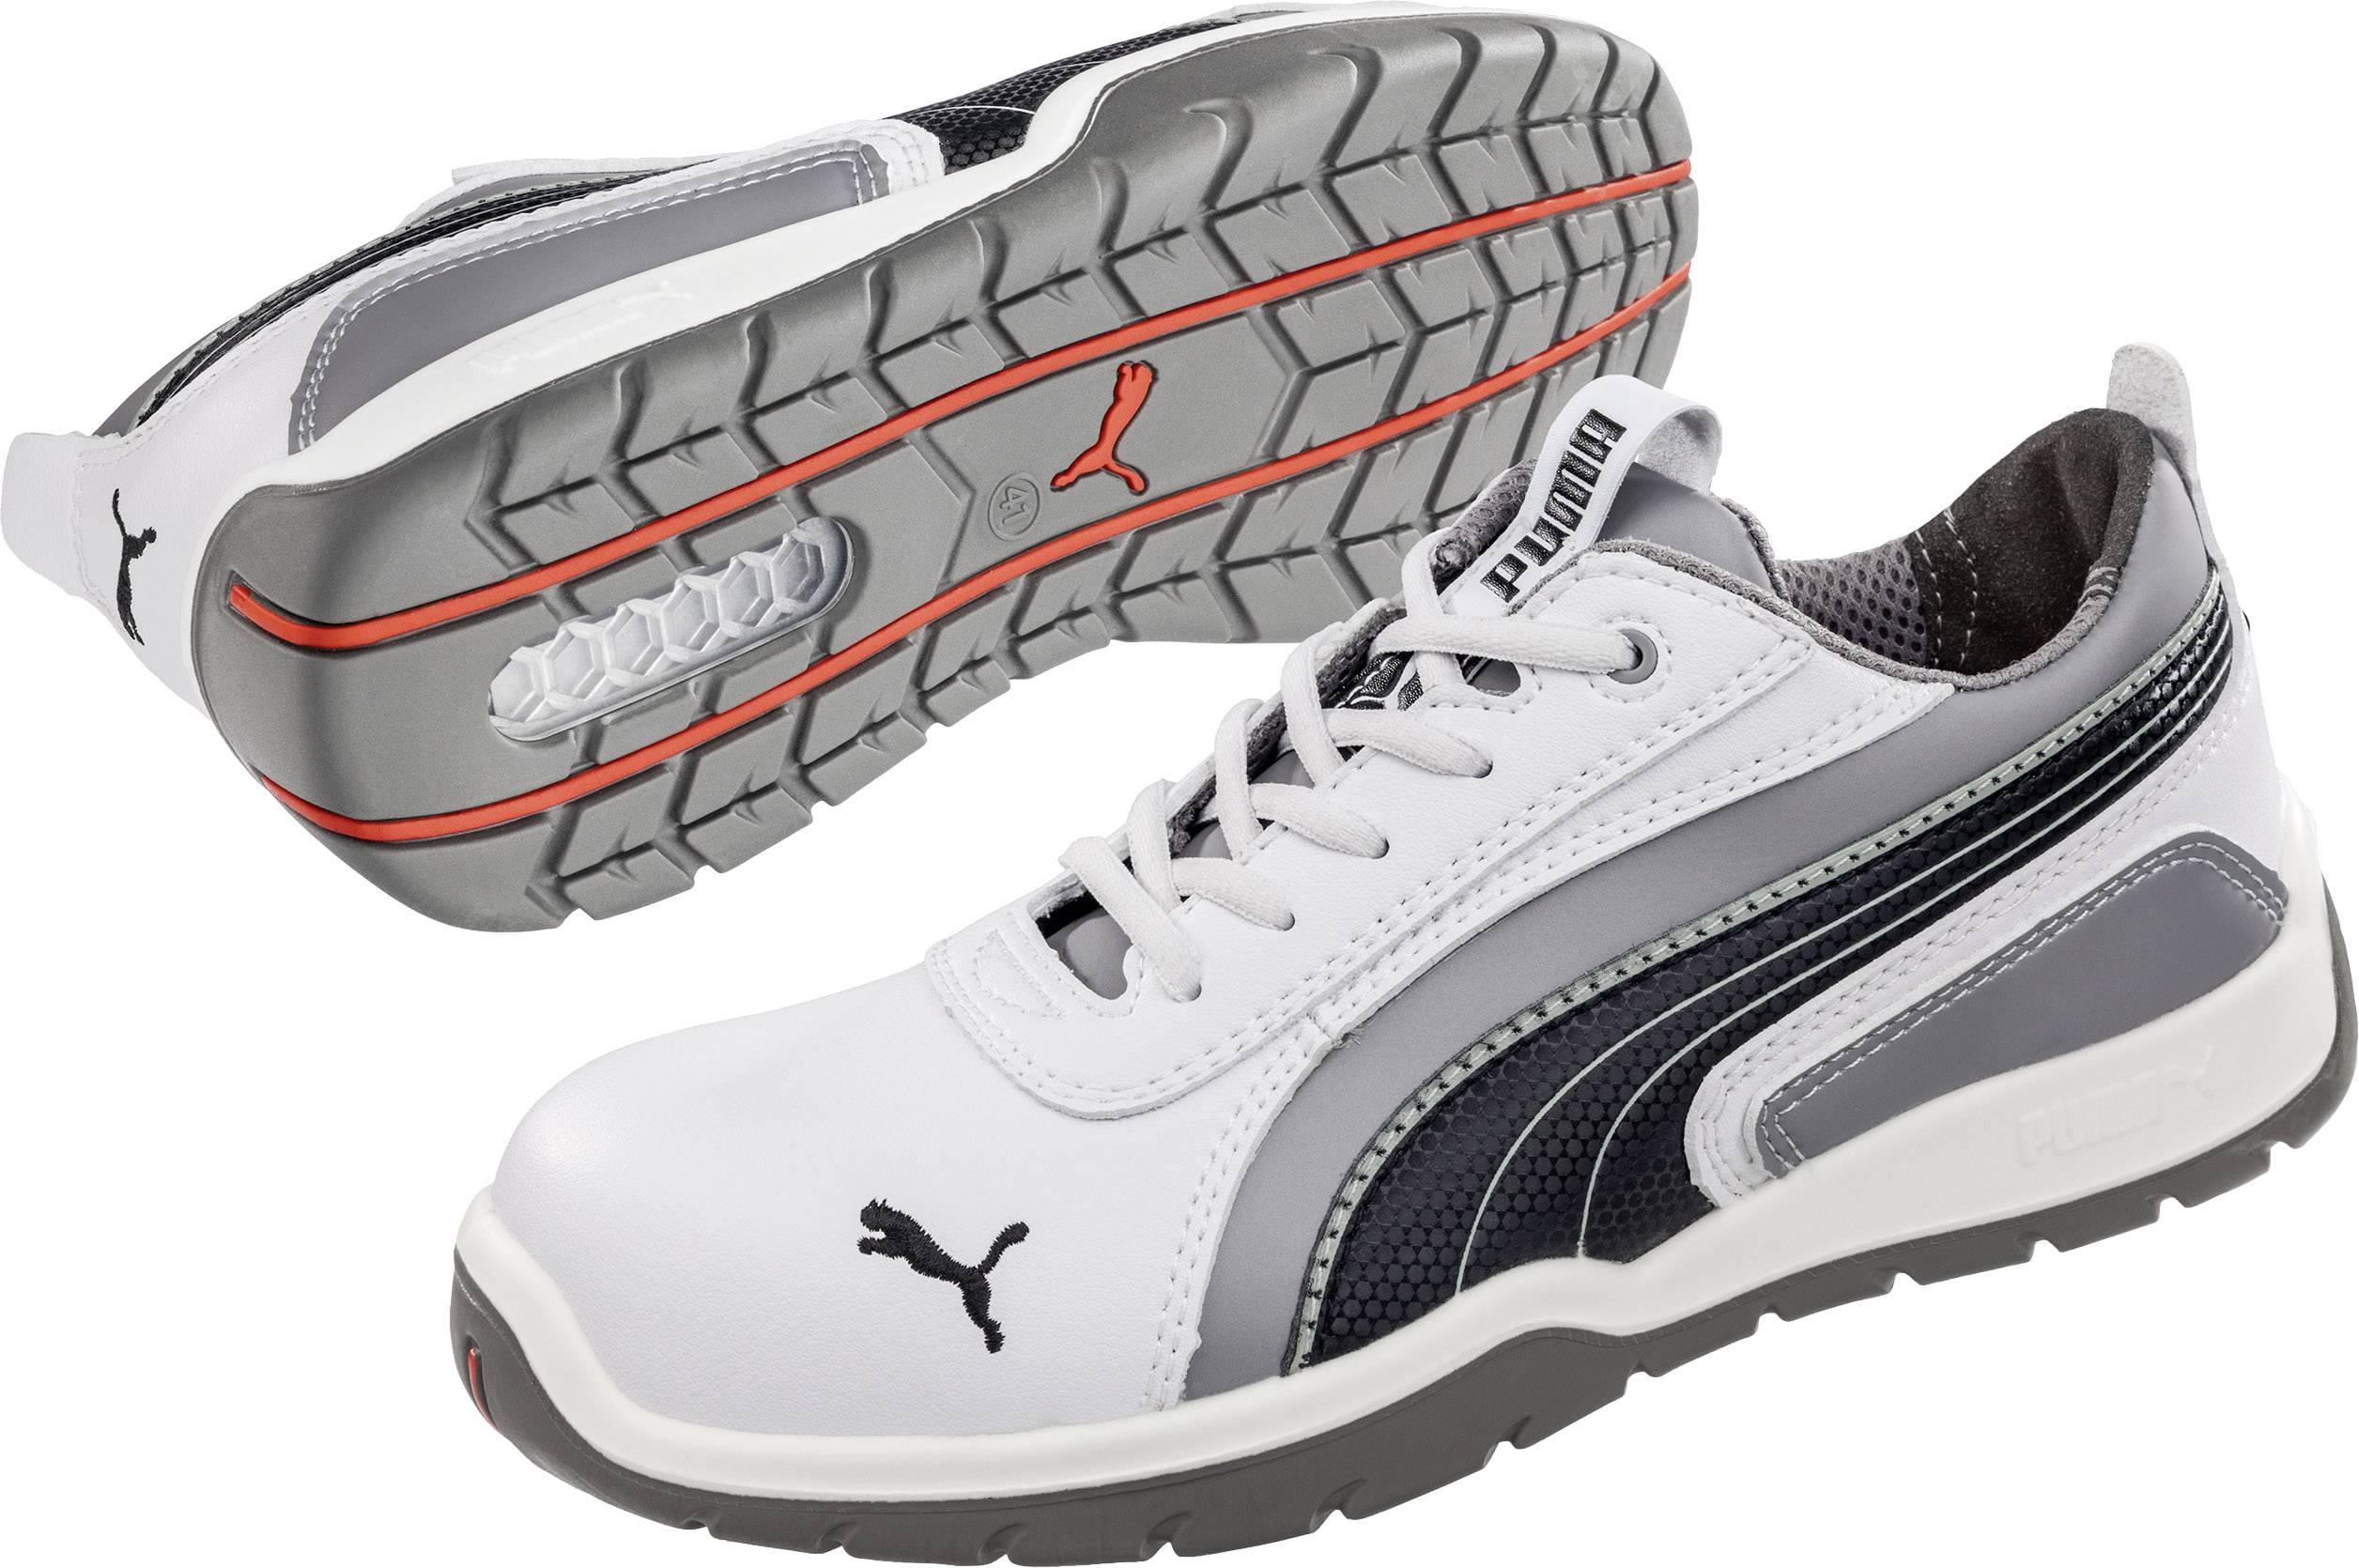 Bezpečnostná obuv S3 PUMA Safety Monaco Low 642650, veľ.: 46, biela, sivá, 1 pár